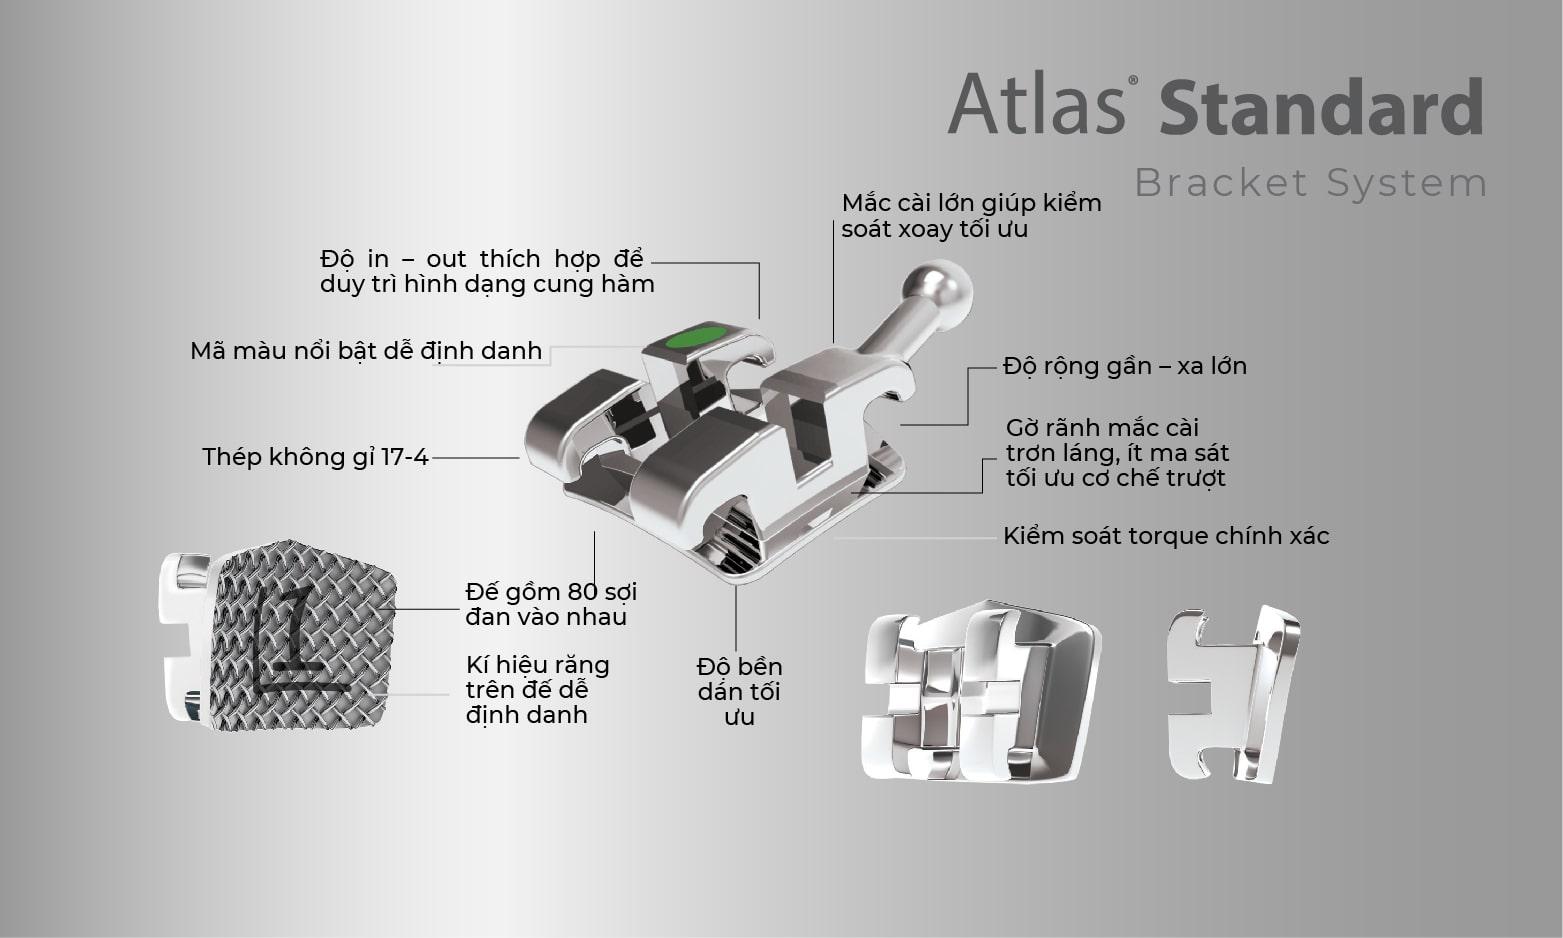 Hệ thống mắc cài kim loại Atlas